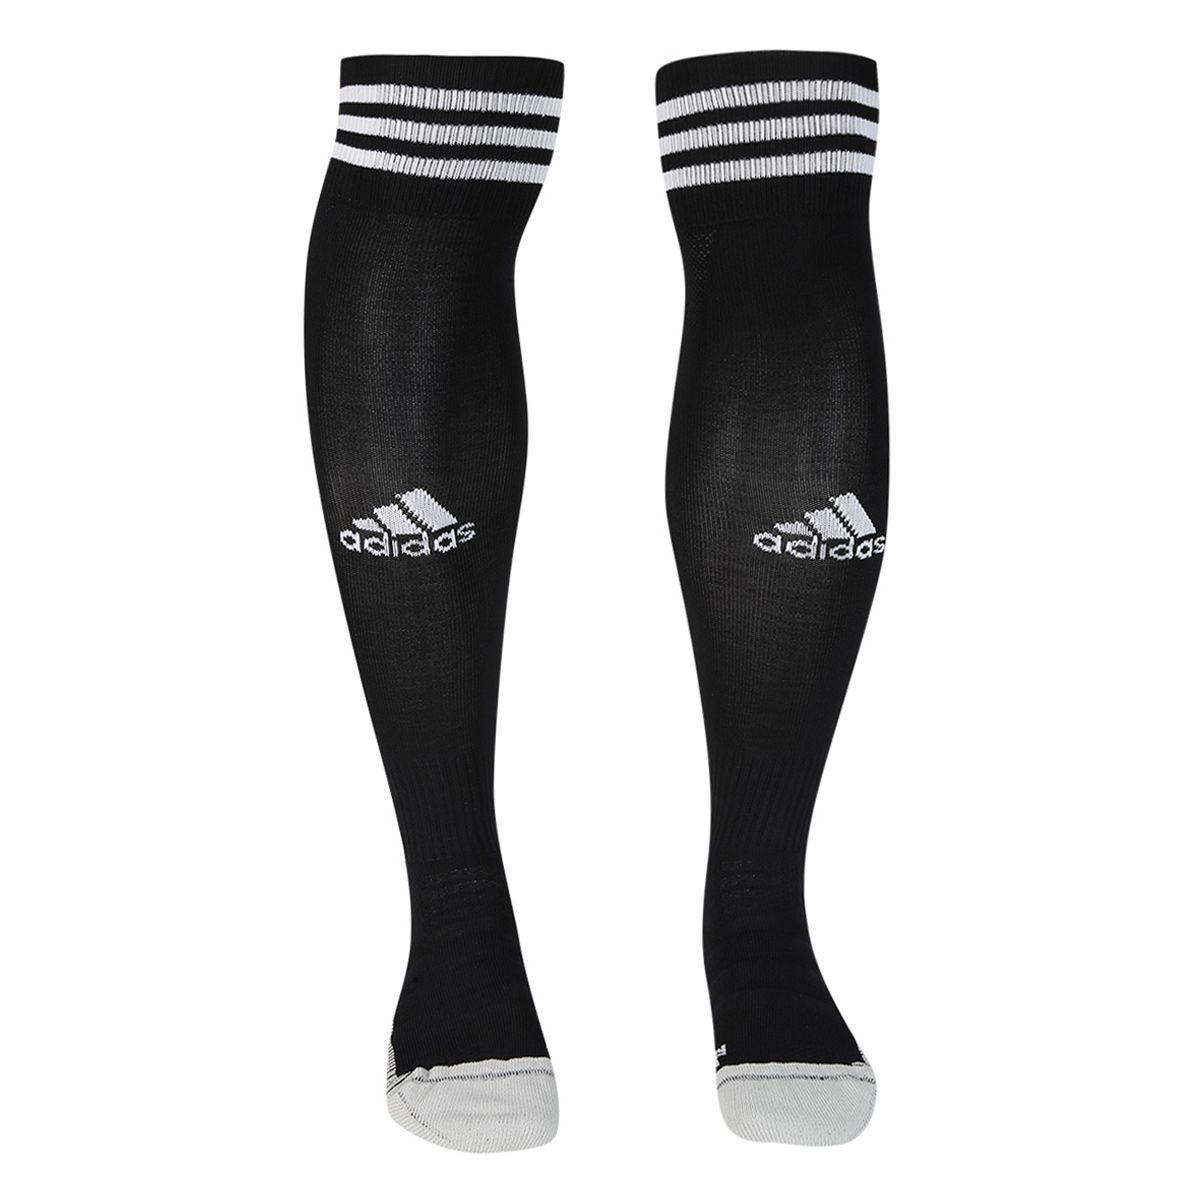 Meião Adidas Adisock 18